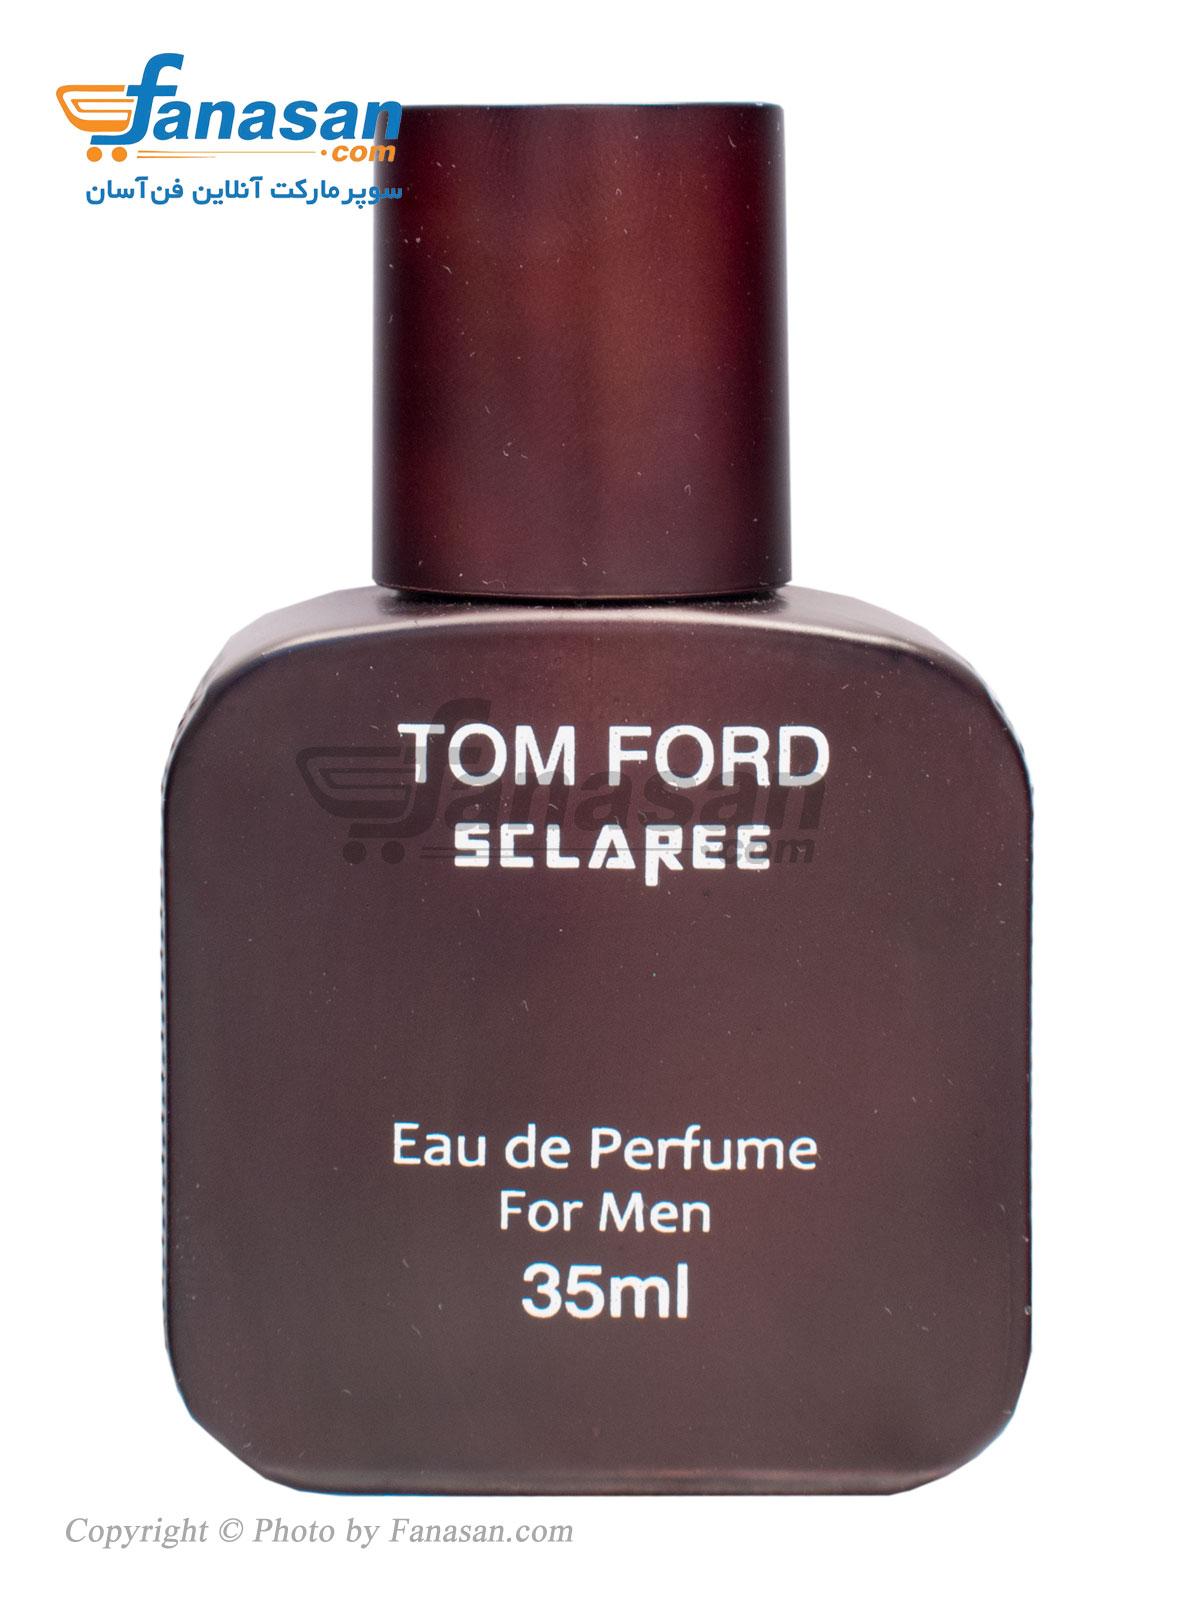 ادو پرفیوم اسکلاره با رایحه Tom Ford مناسب برای آقایان 35 میلی لیتر